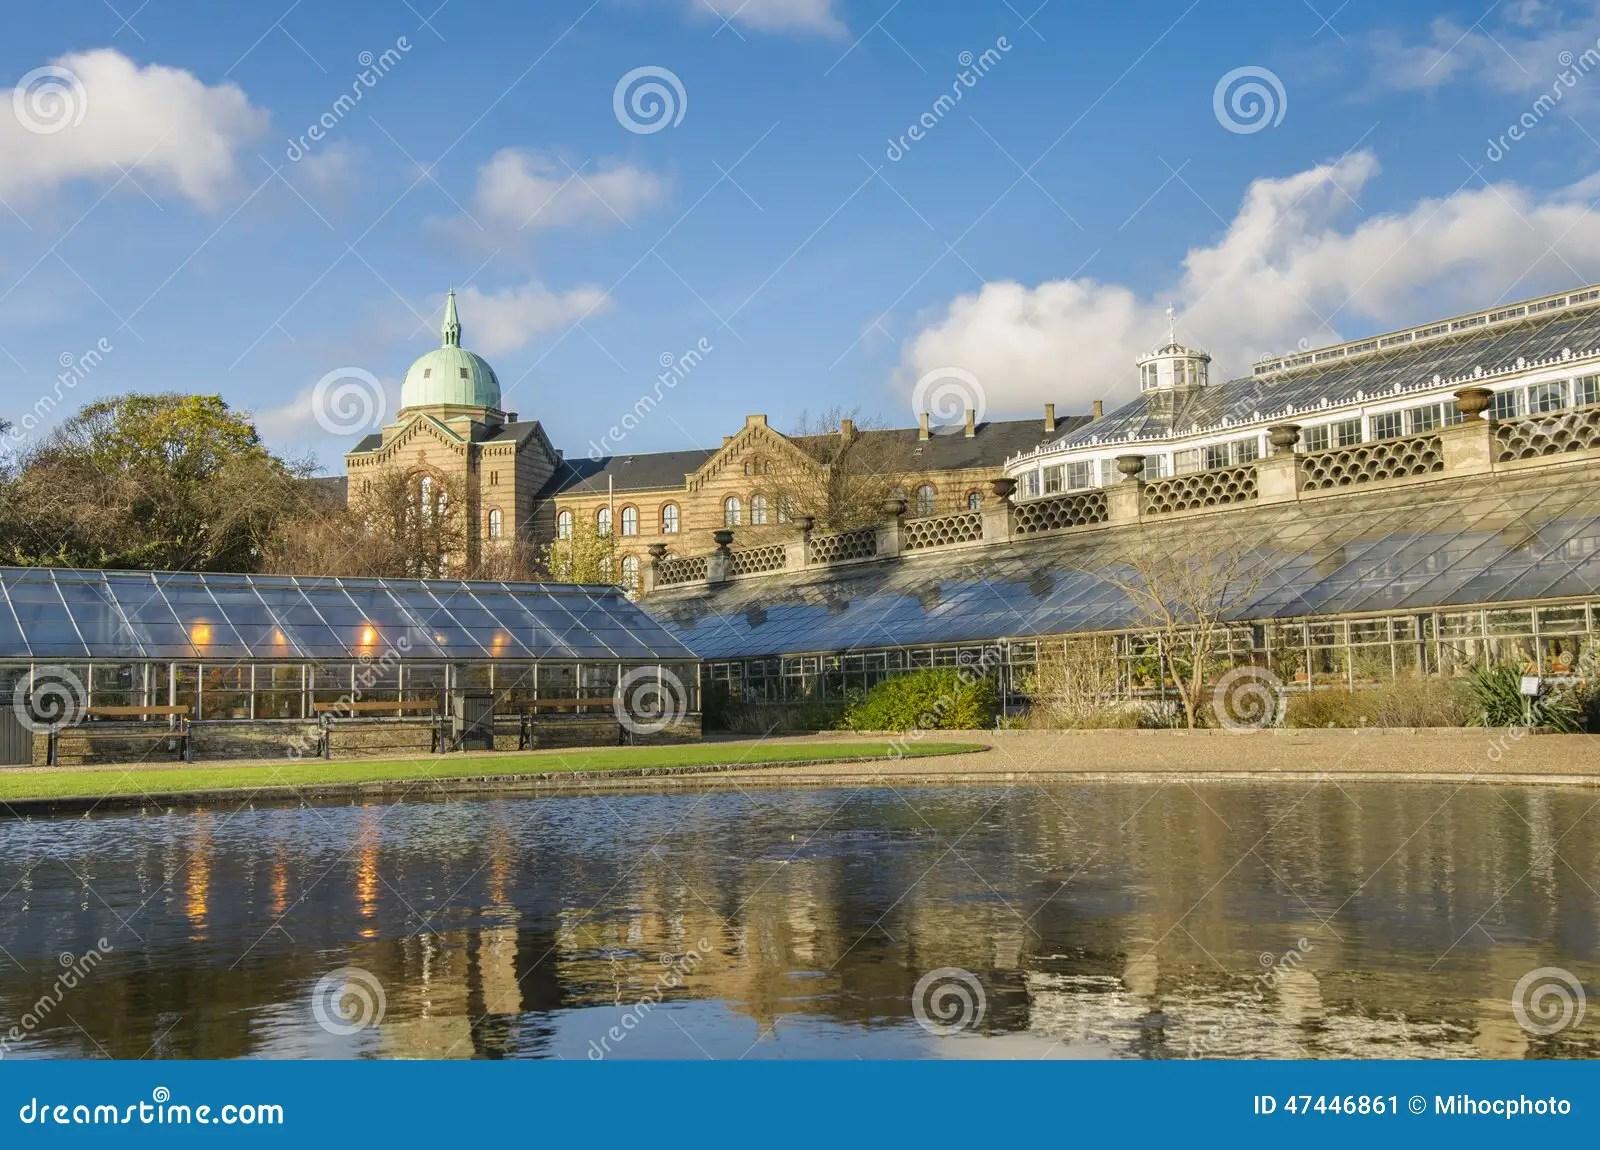 Kopenhagen Botanischer Garten Stockfoto Bild 47446861